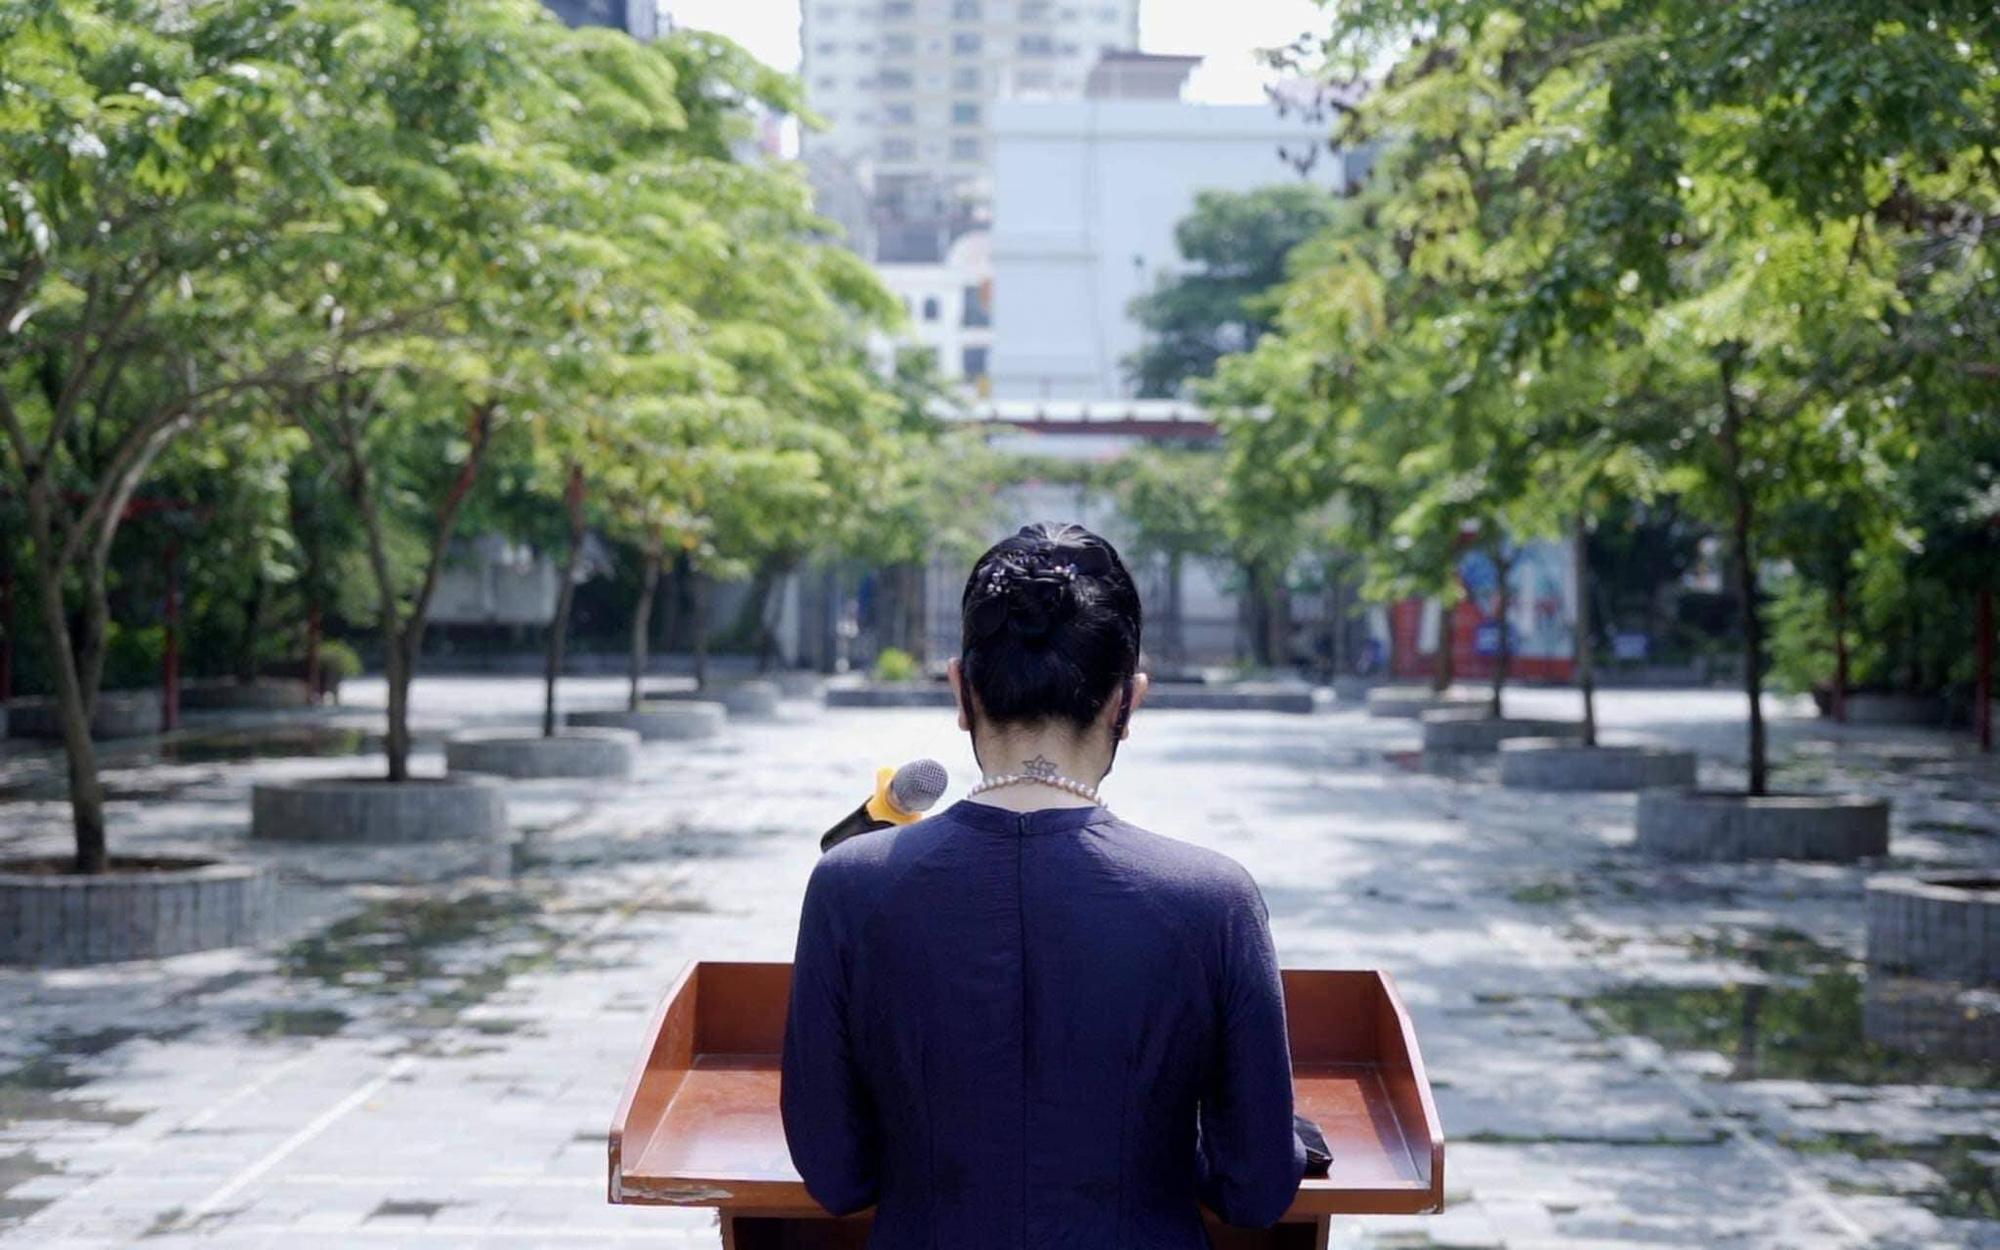 Nghẹn ngào hình ảnh hiệu trưởng đọc phát biểu khai giảng nhưng không có học sinh, chỉ có hàng cây - Ảnh 1.